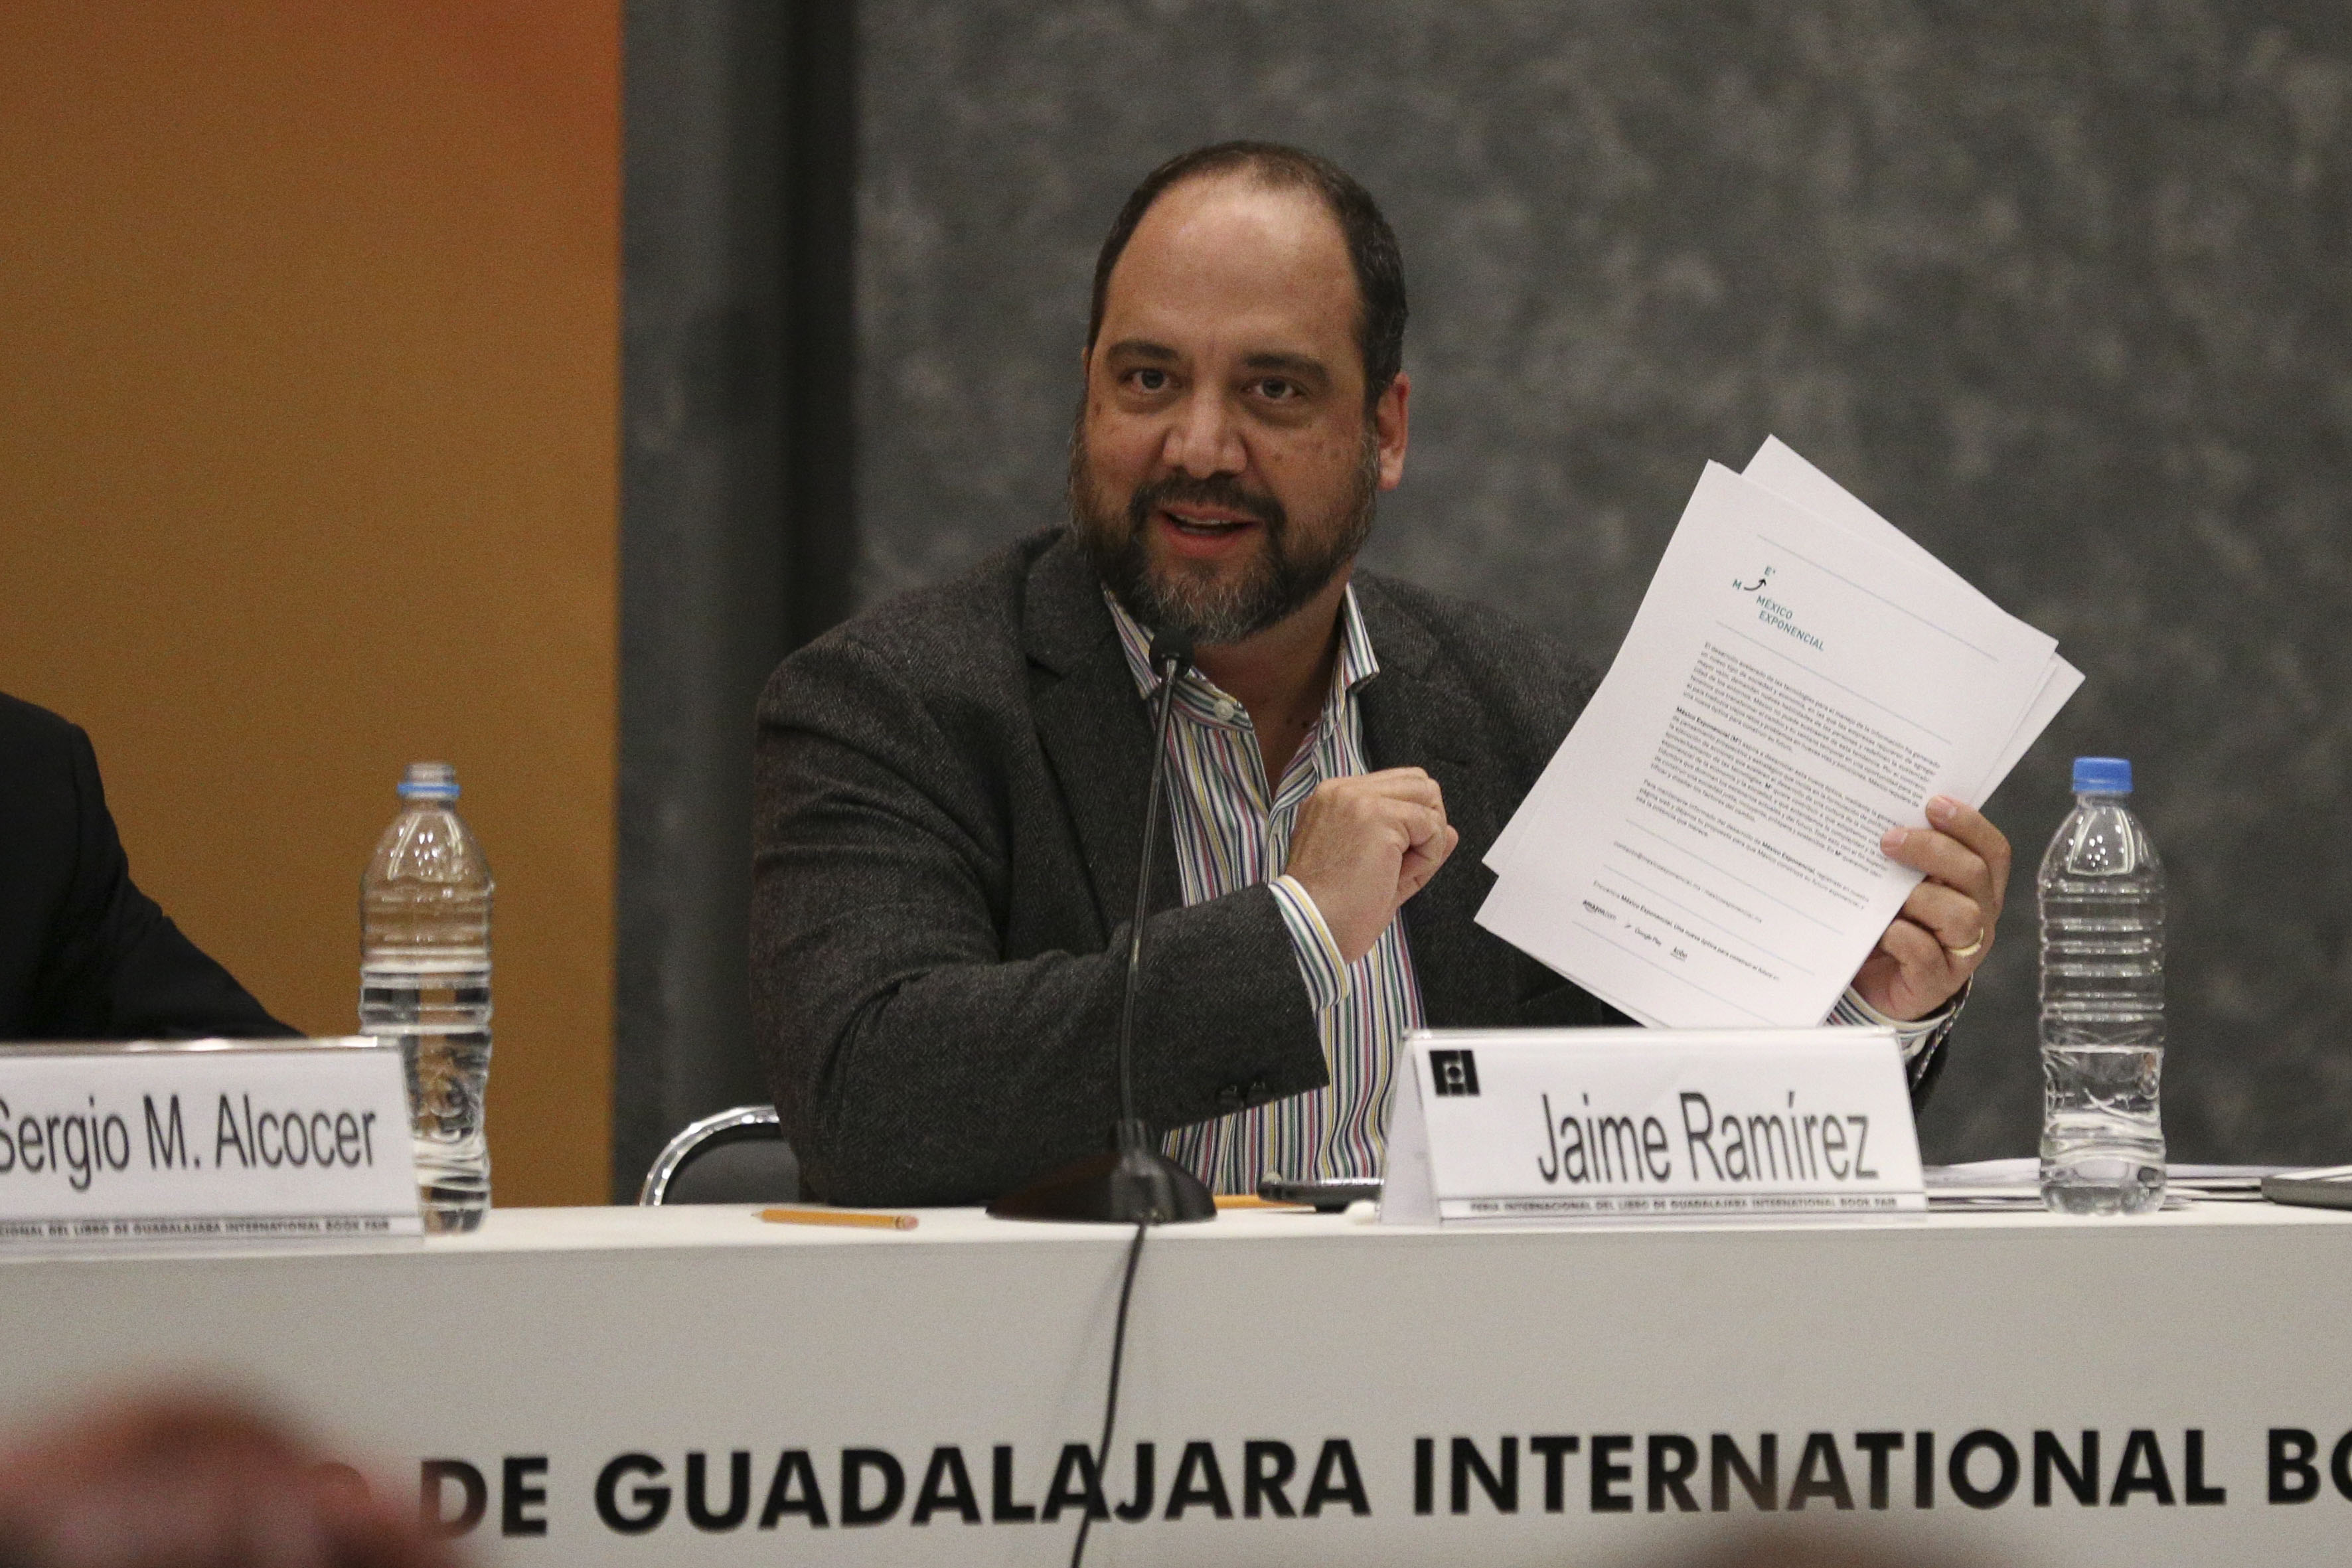 Jaime Ramirez haciendo uso de la palabra en la presentación de la plataforma México Exponencial en la Feria Internacional del Libro de Guadalajara (FIL 2017)